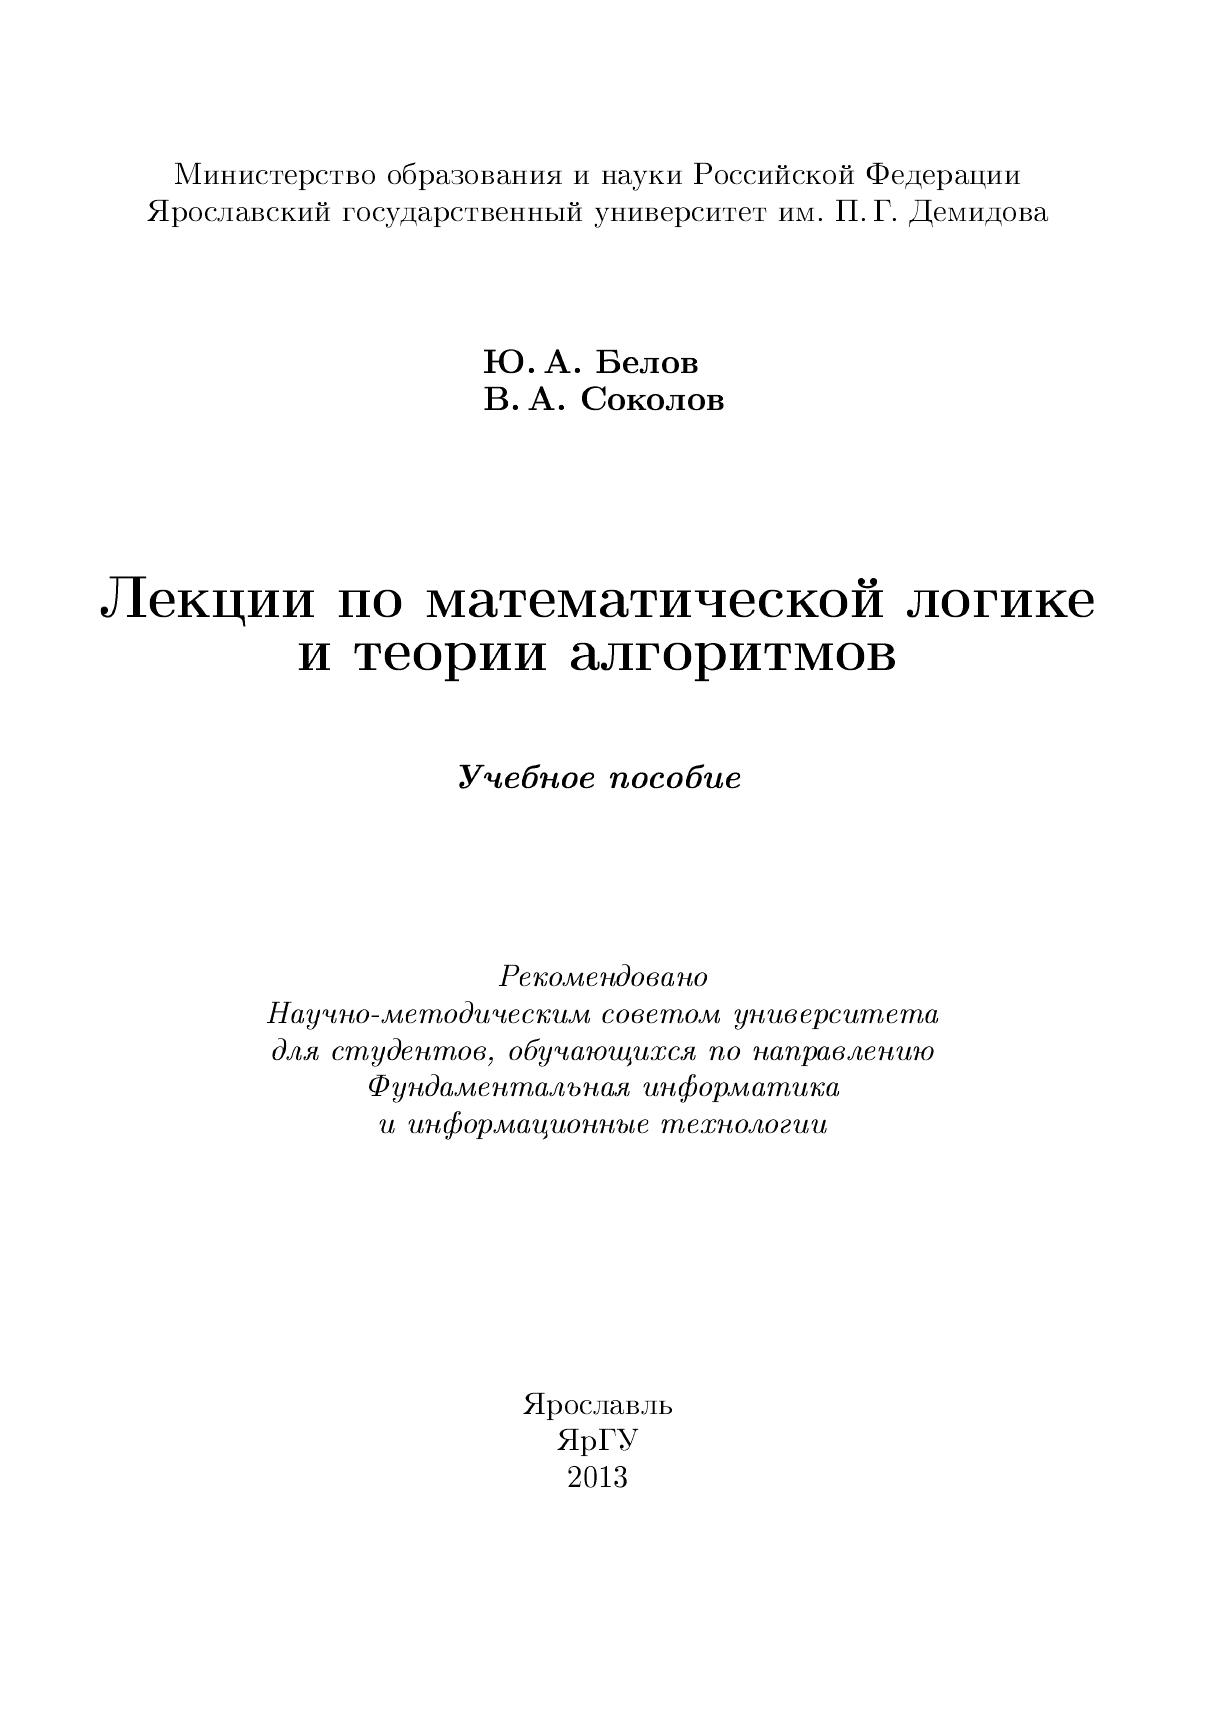 Юрий Белов Лекции по математической логике и теории алгоритмов н к верещагин а шень лекции по математической логике и теории алгоритмов часть 3 вычислимые функции